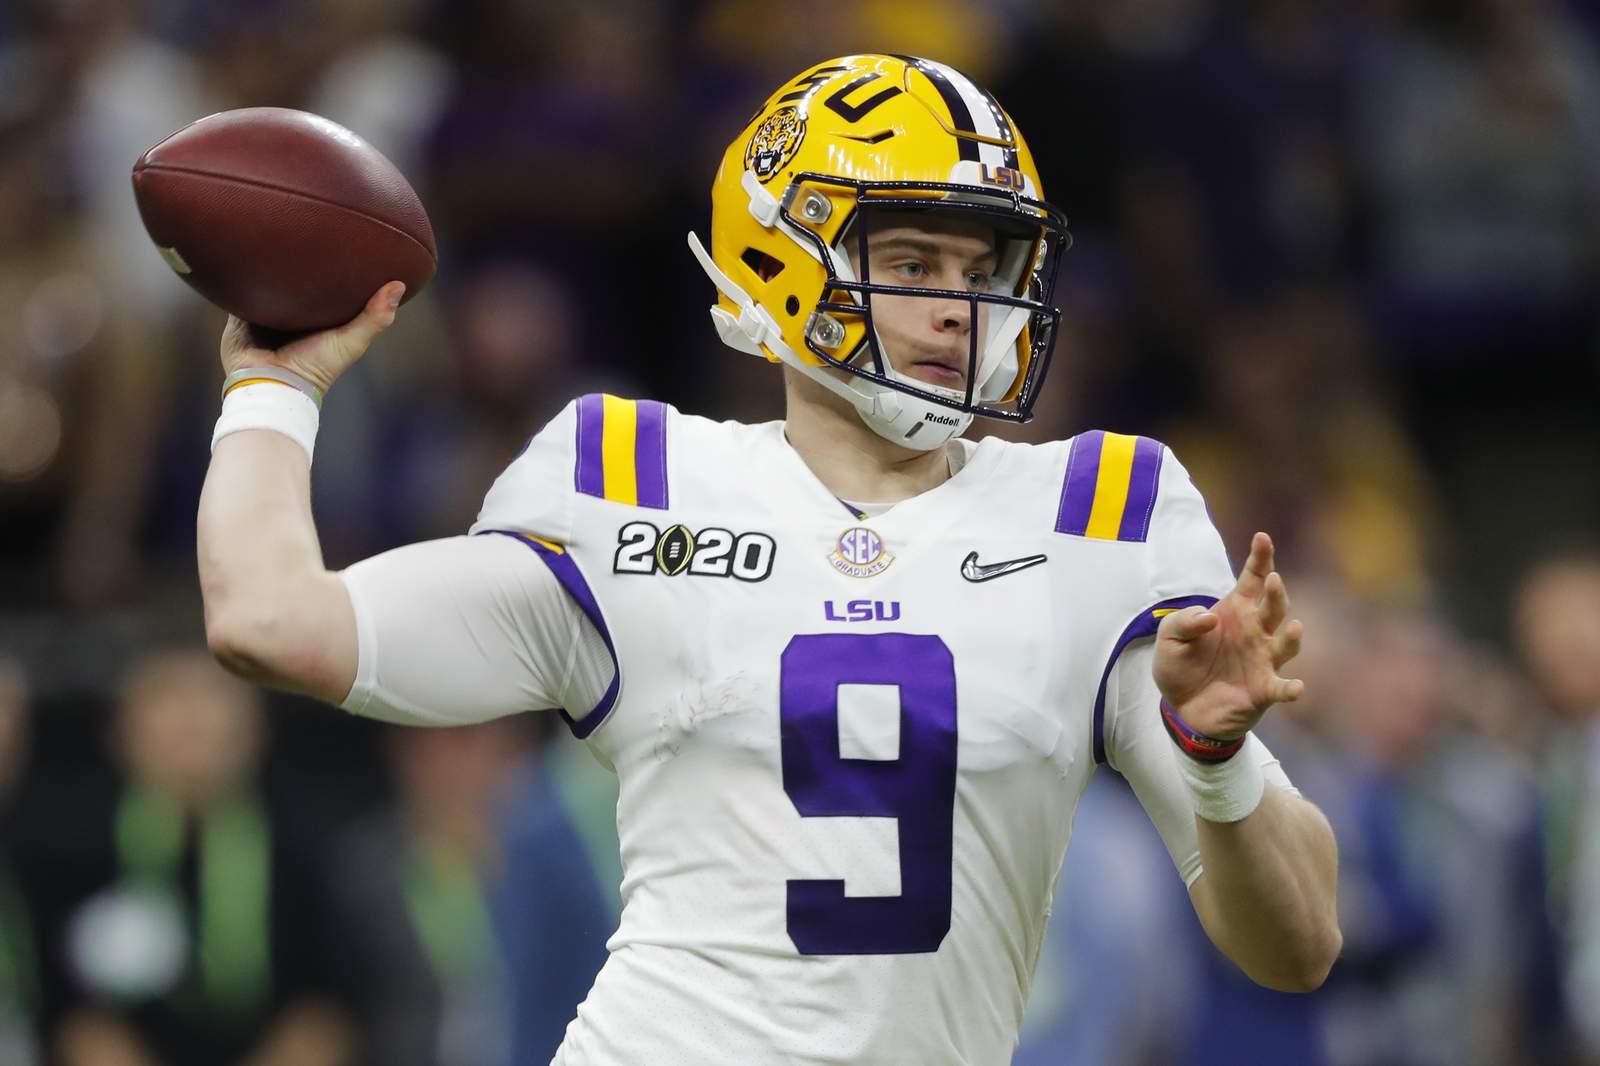 La NFL tendrá 58 prospectos participando remotamente en el draft 1